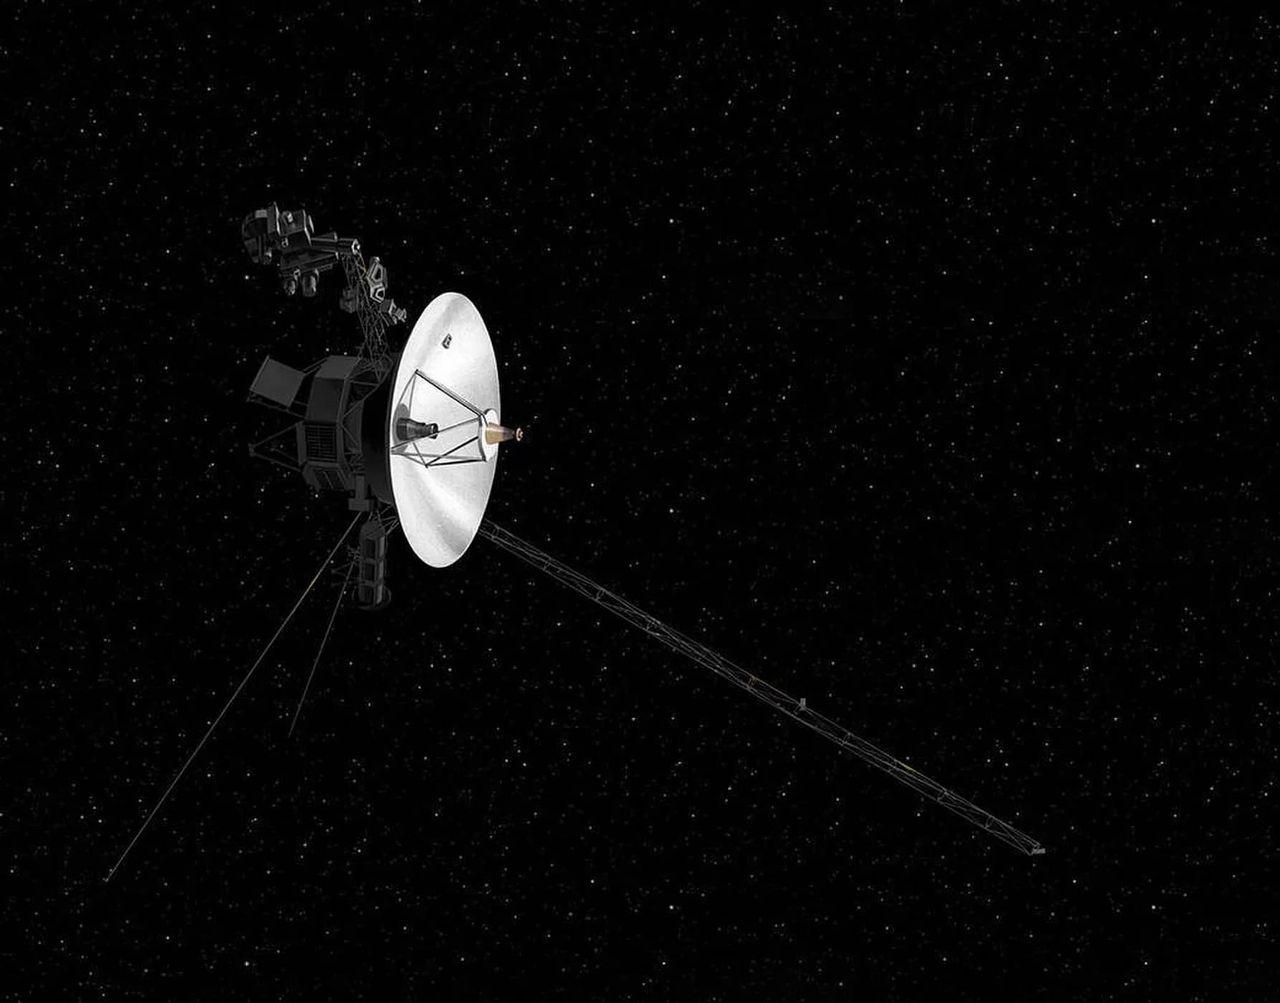 Nu har Voyager 2 nått den interstellära rymden